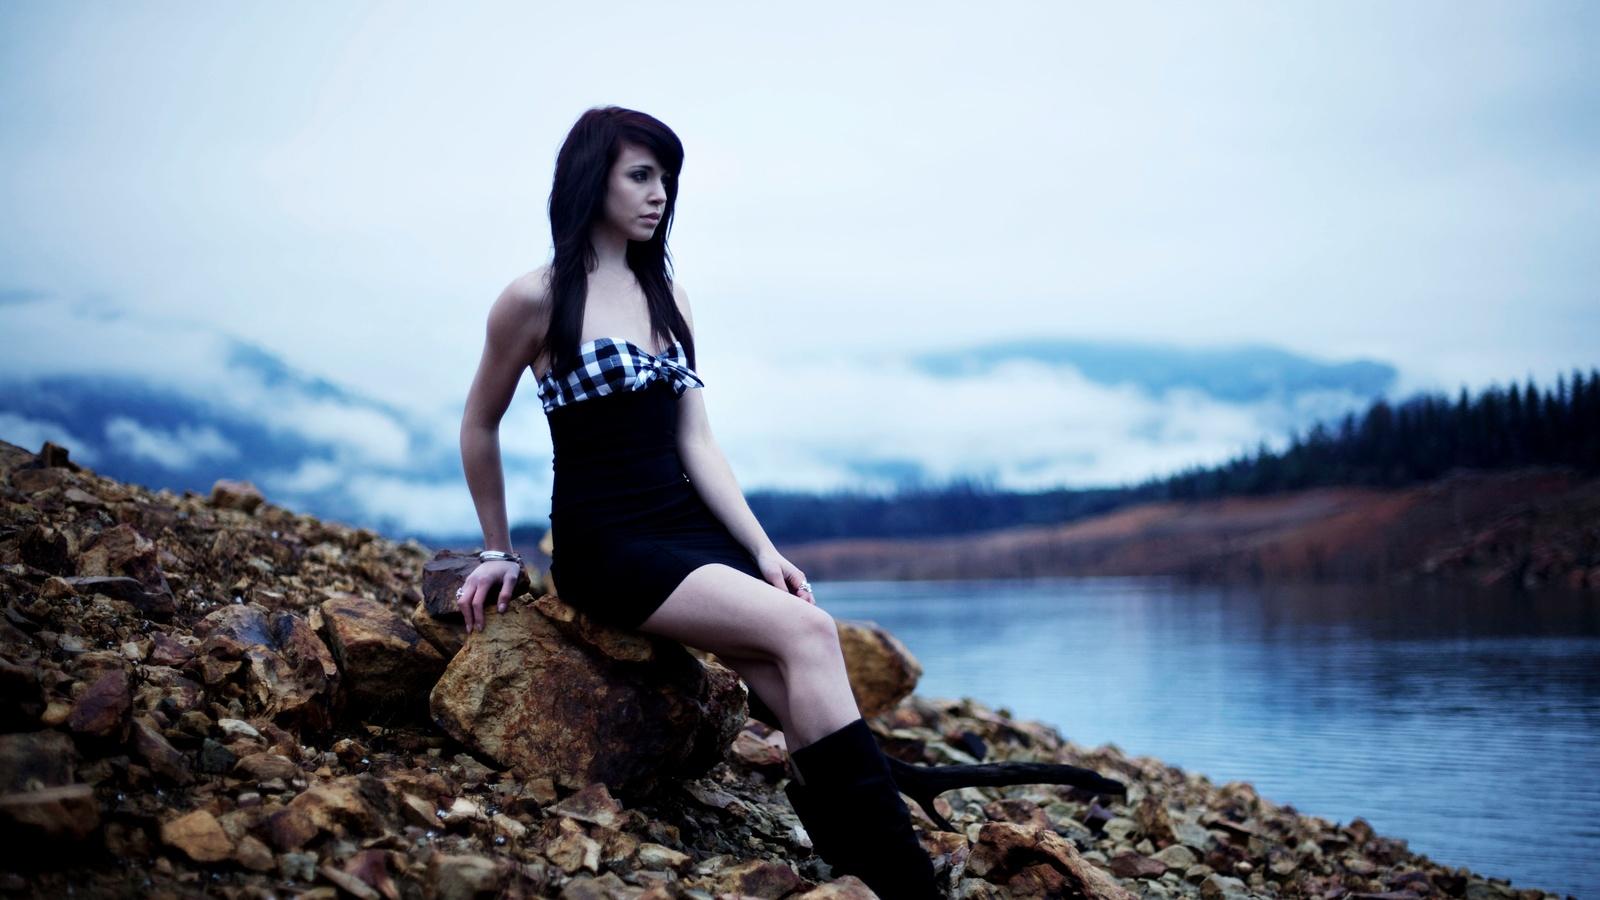 девушка, природа, камни